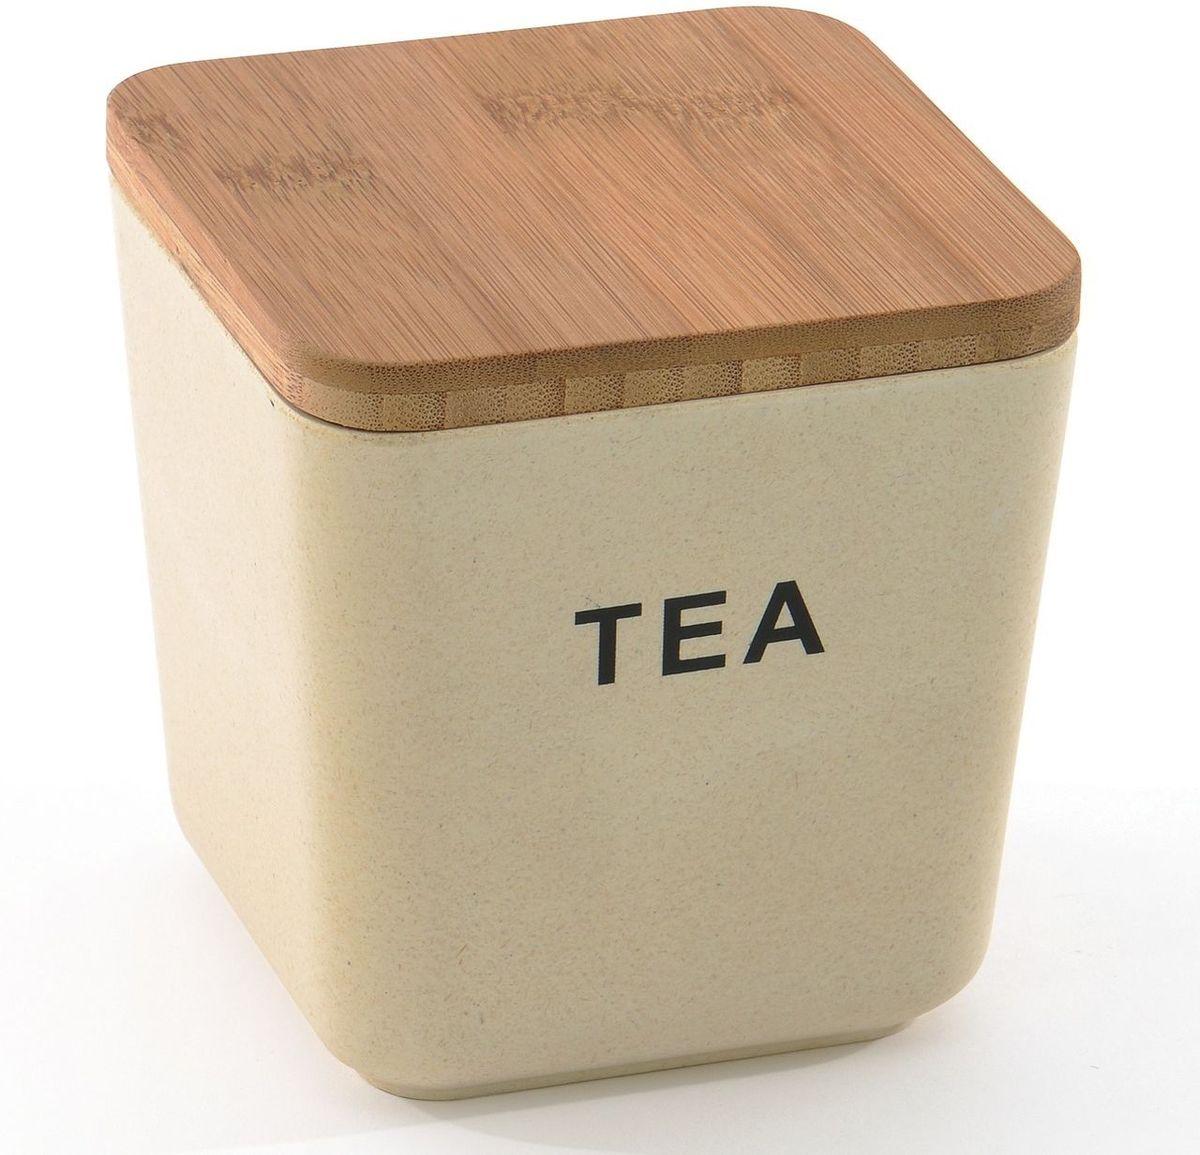 Банка для хранения чая BergHOFF Cook&Co, с крышкой, 900 млVT-1520(SR)Банка для хранения чая с крышкой BergHOFF Cook&Co– это стильная банка, которая идеально подойдет для хранения чая. Банка имеет квадратную форму и изготовлена из бамбукового волокна и безопасного меламина. Она прочная, стильная и яркая благодаря чему впишется в любой интерьер. Крышка выполнена из бамбука. Банку можно мыть в посудомоечной машине. Благодаря экологическому материалу банка от компании BergHOFF идеально подойдет для хранения любых сыпучих продуктов.